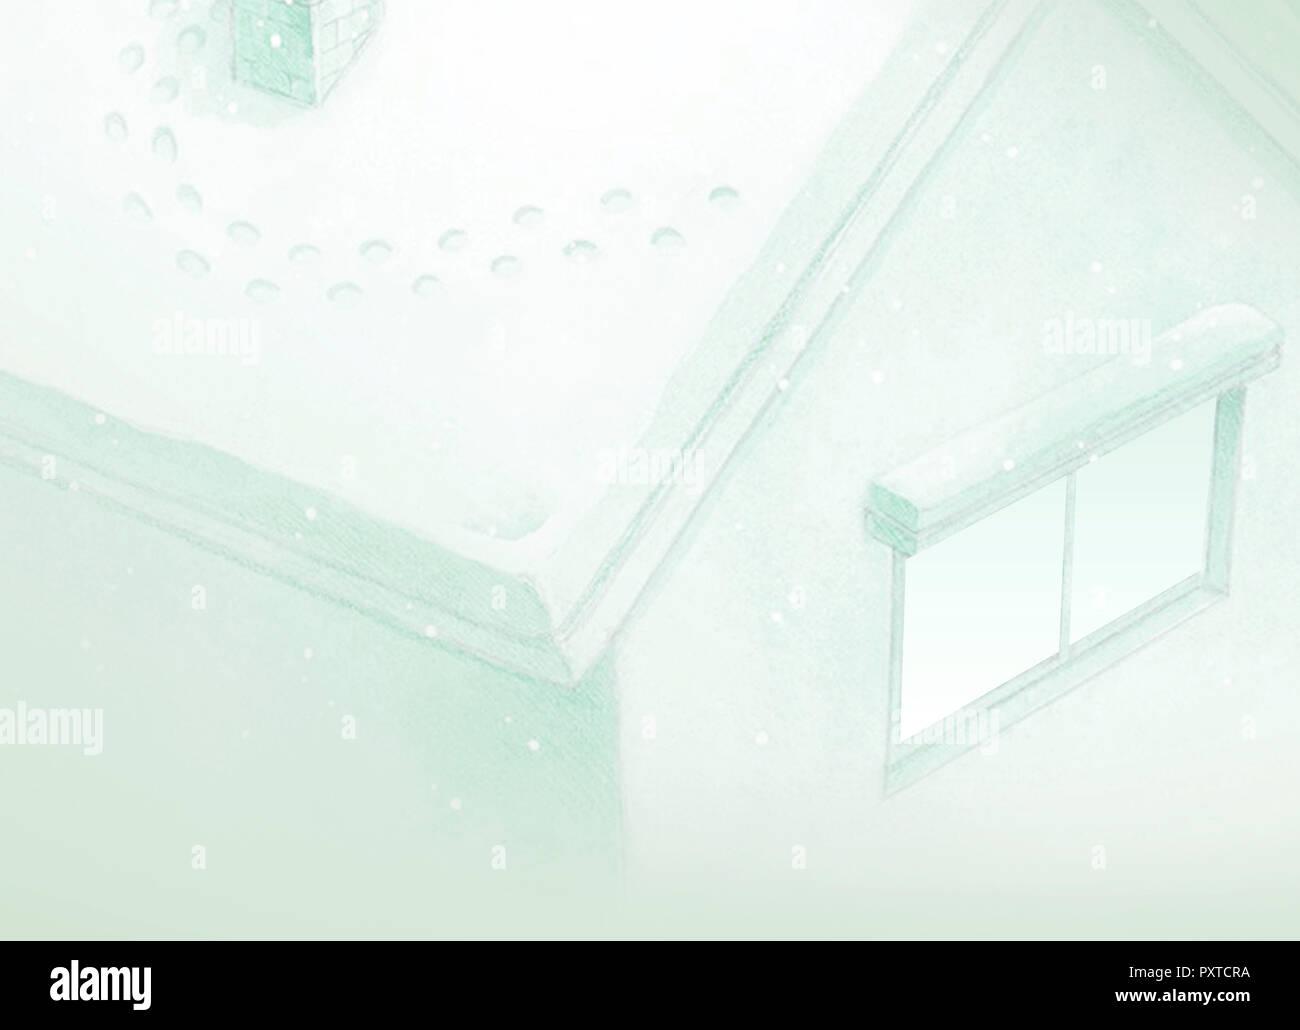 Le dessin de fond vert maison de conte de fées en hiver